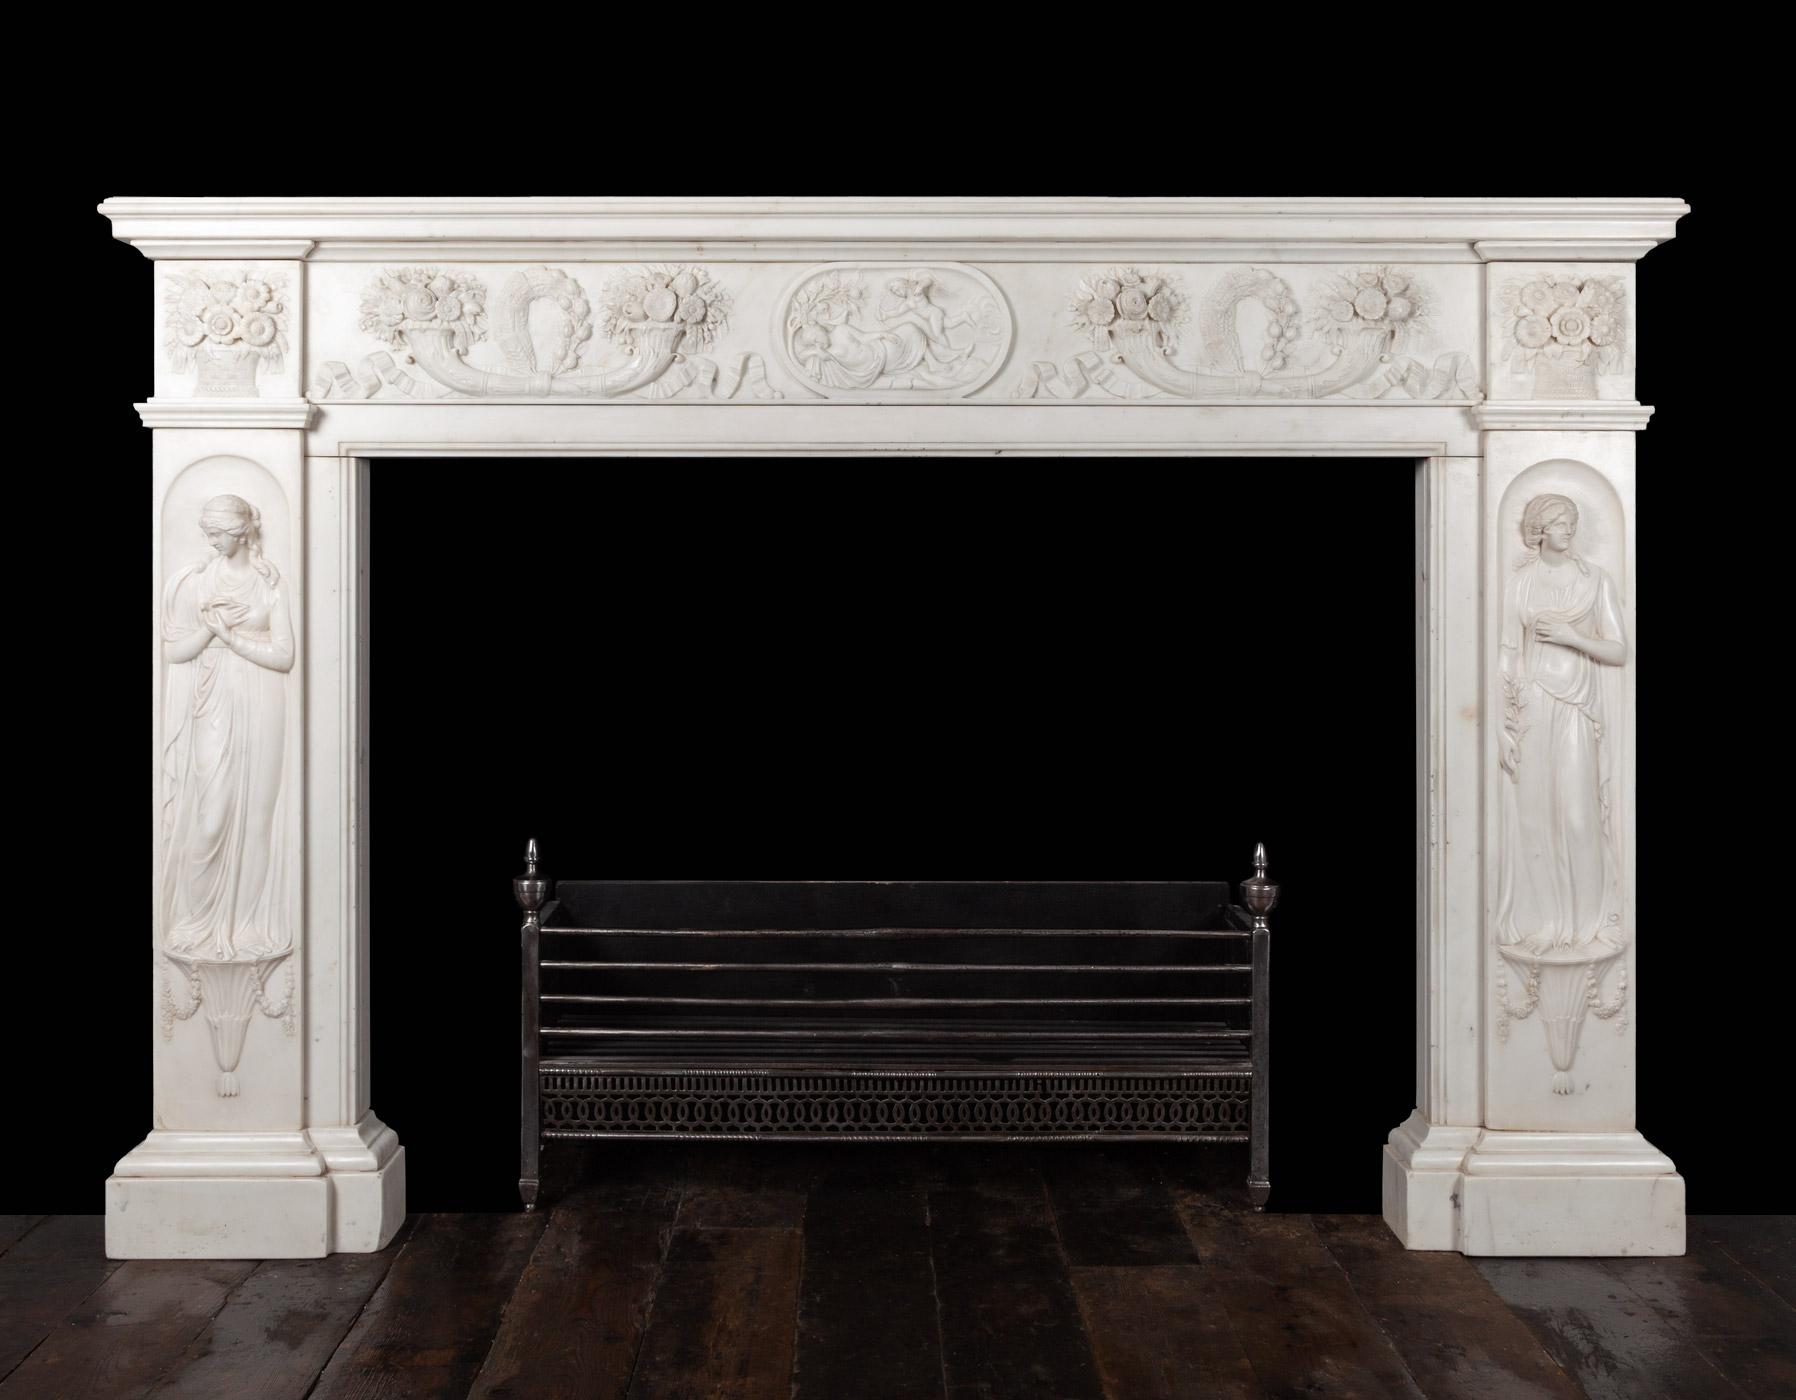 Regency Fireplace – 19445